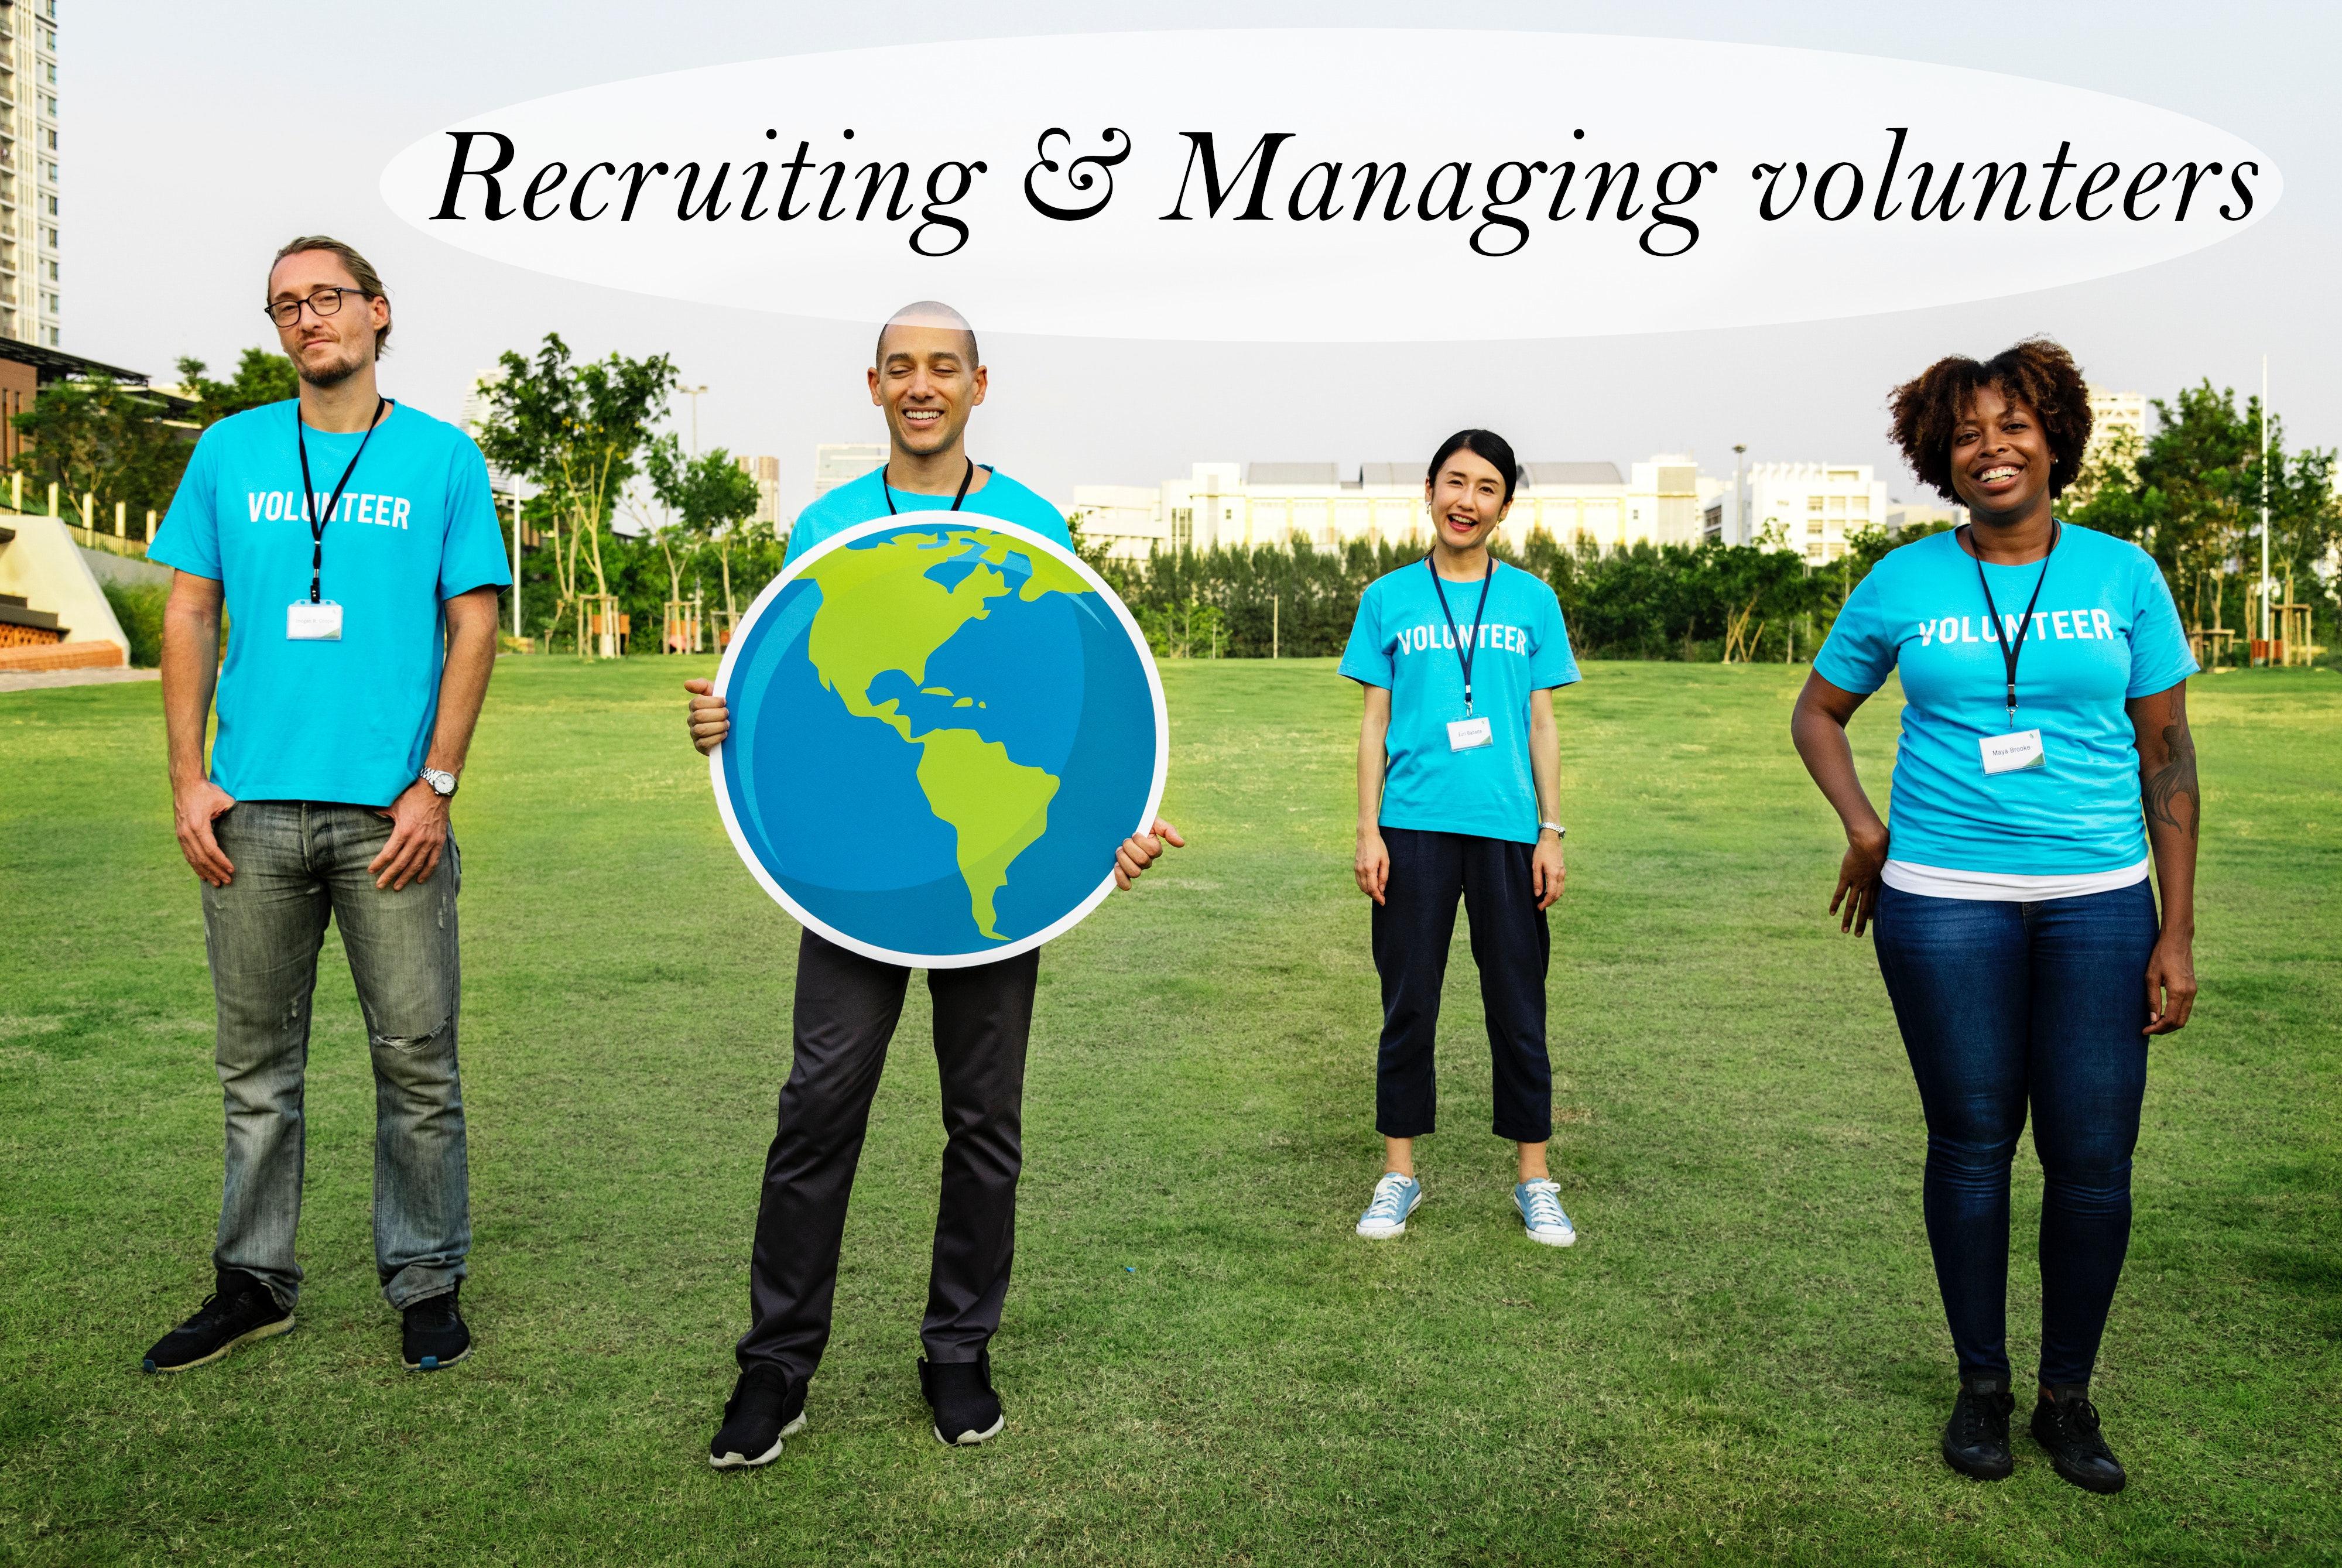 recruit & manage volunteers